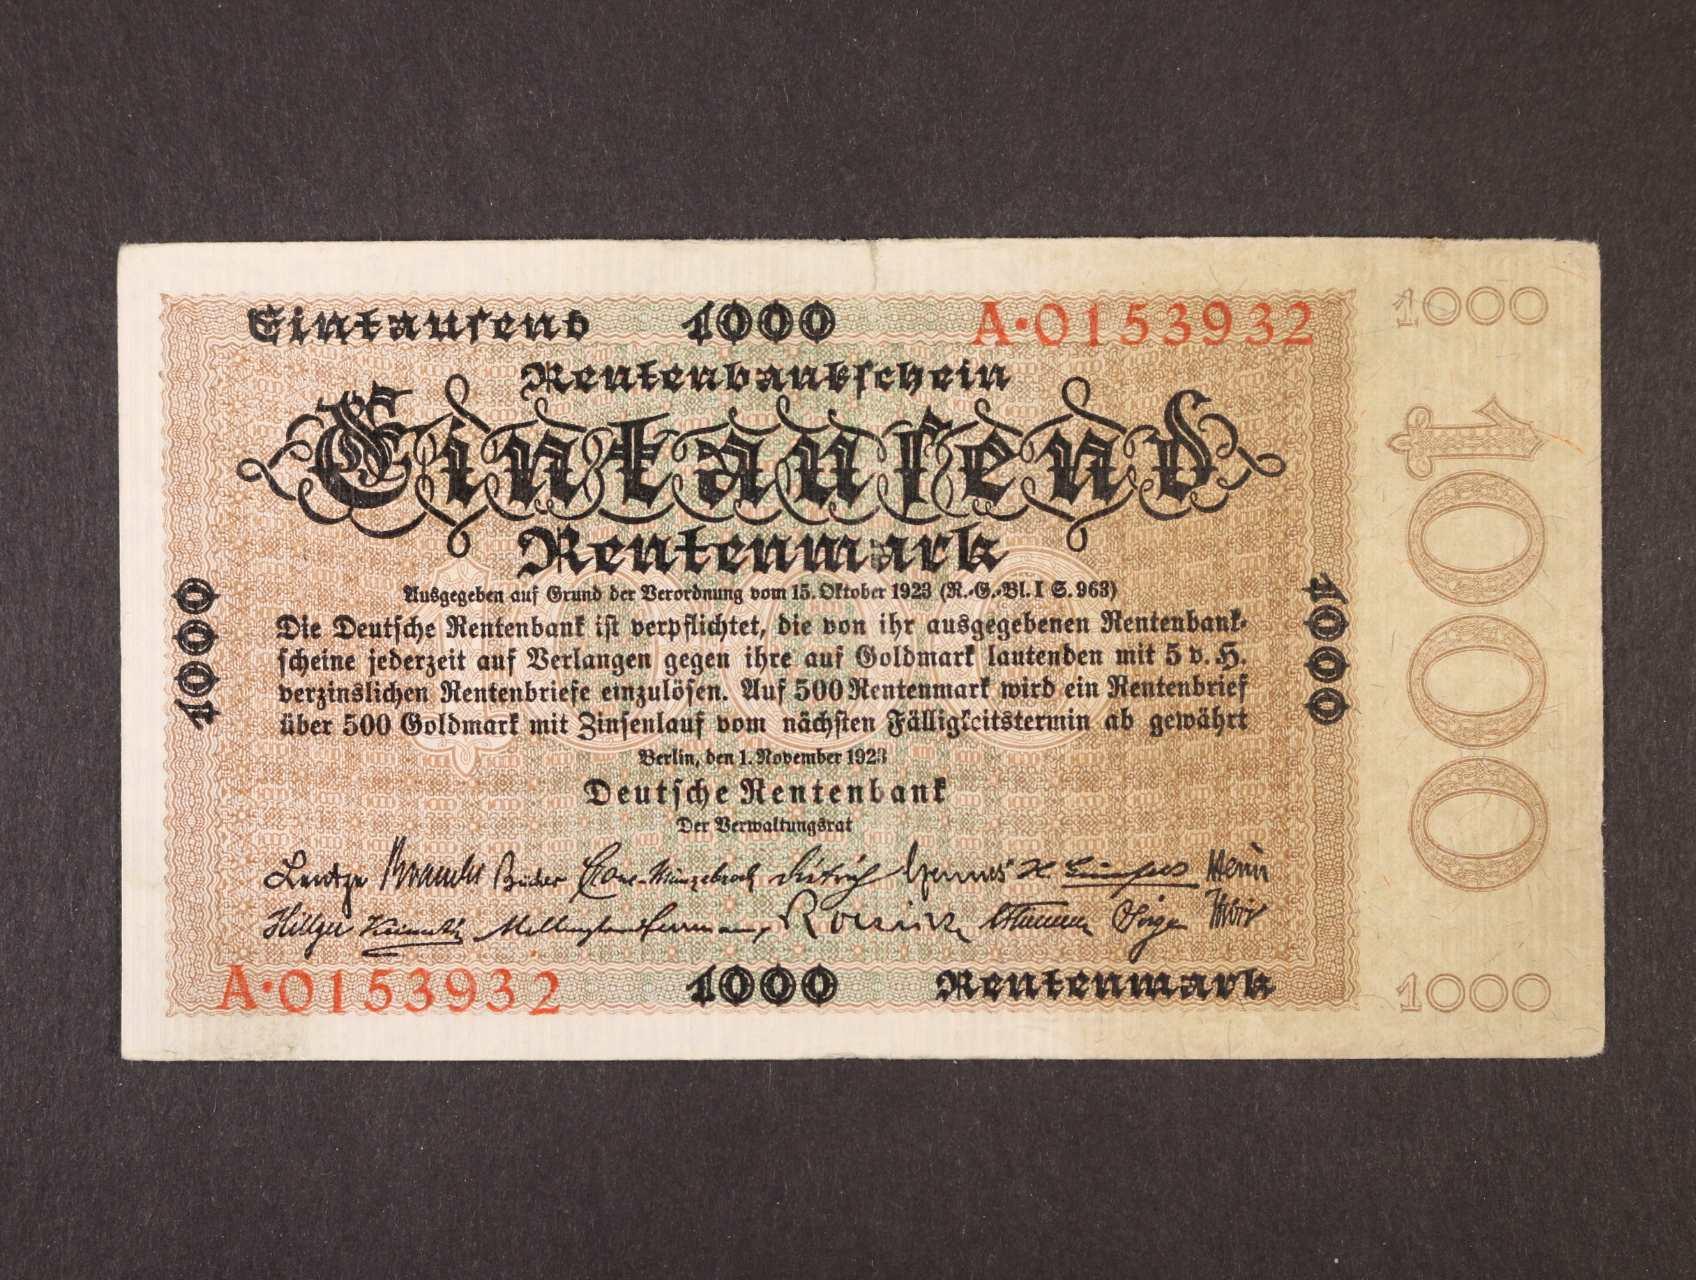 1000 Rtm 1.11.1923 série A, platná na ČS území, Ro. 161, Ba. D19